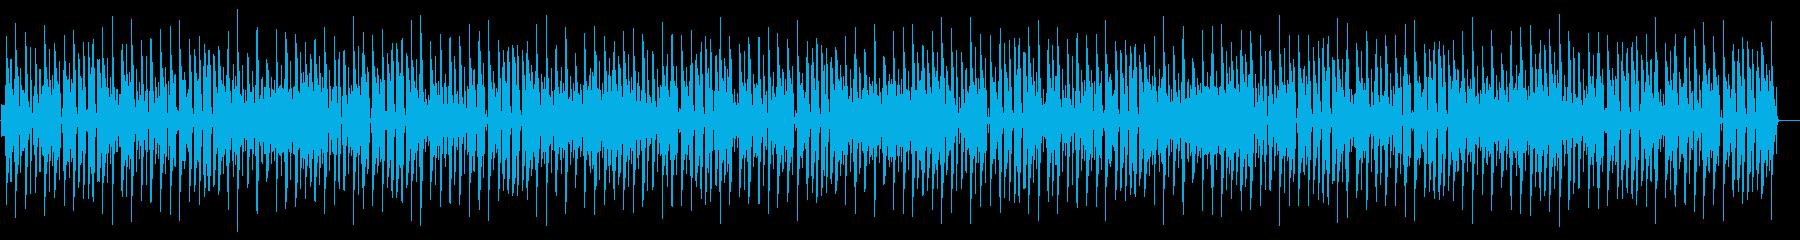 ほのぼの脱力系「凱旋行進曲」サッカーの曲の再生済みの波形